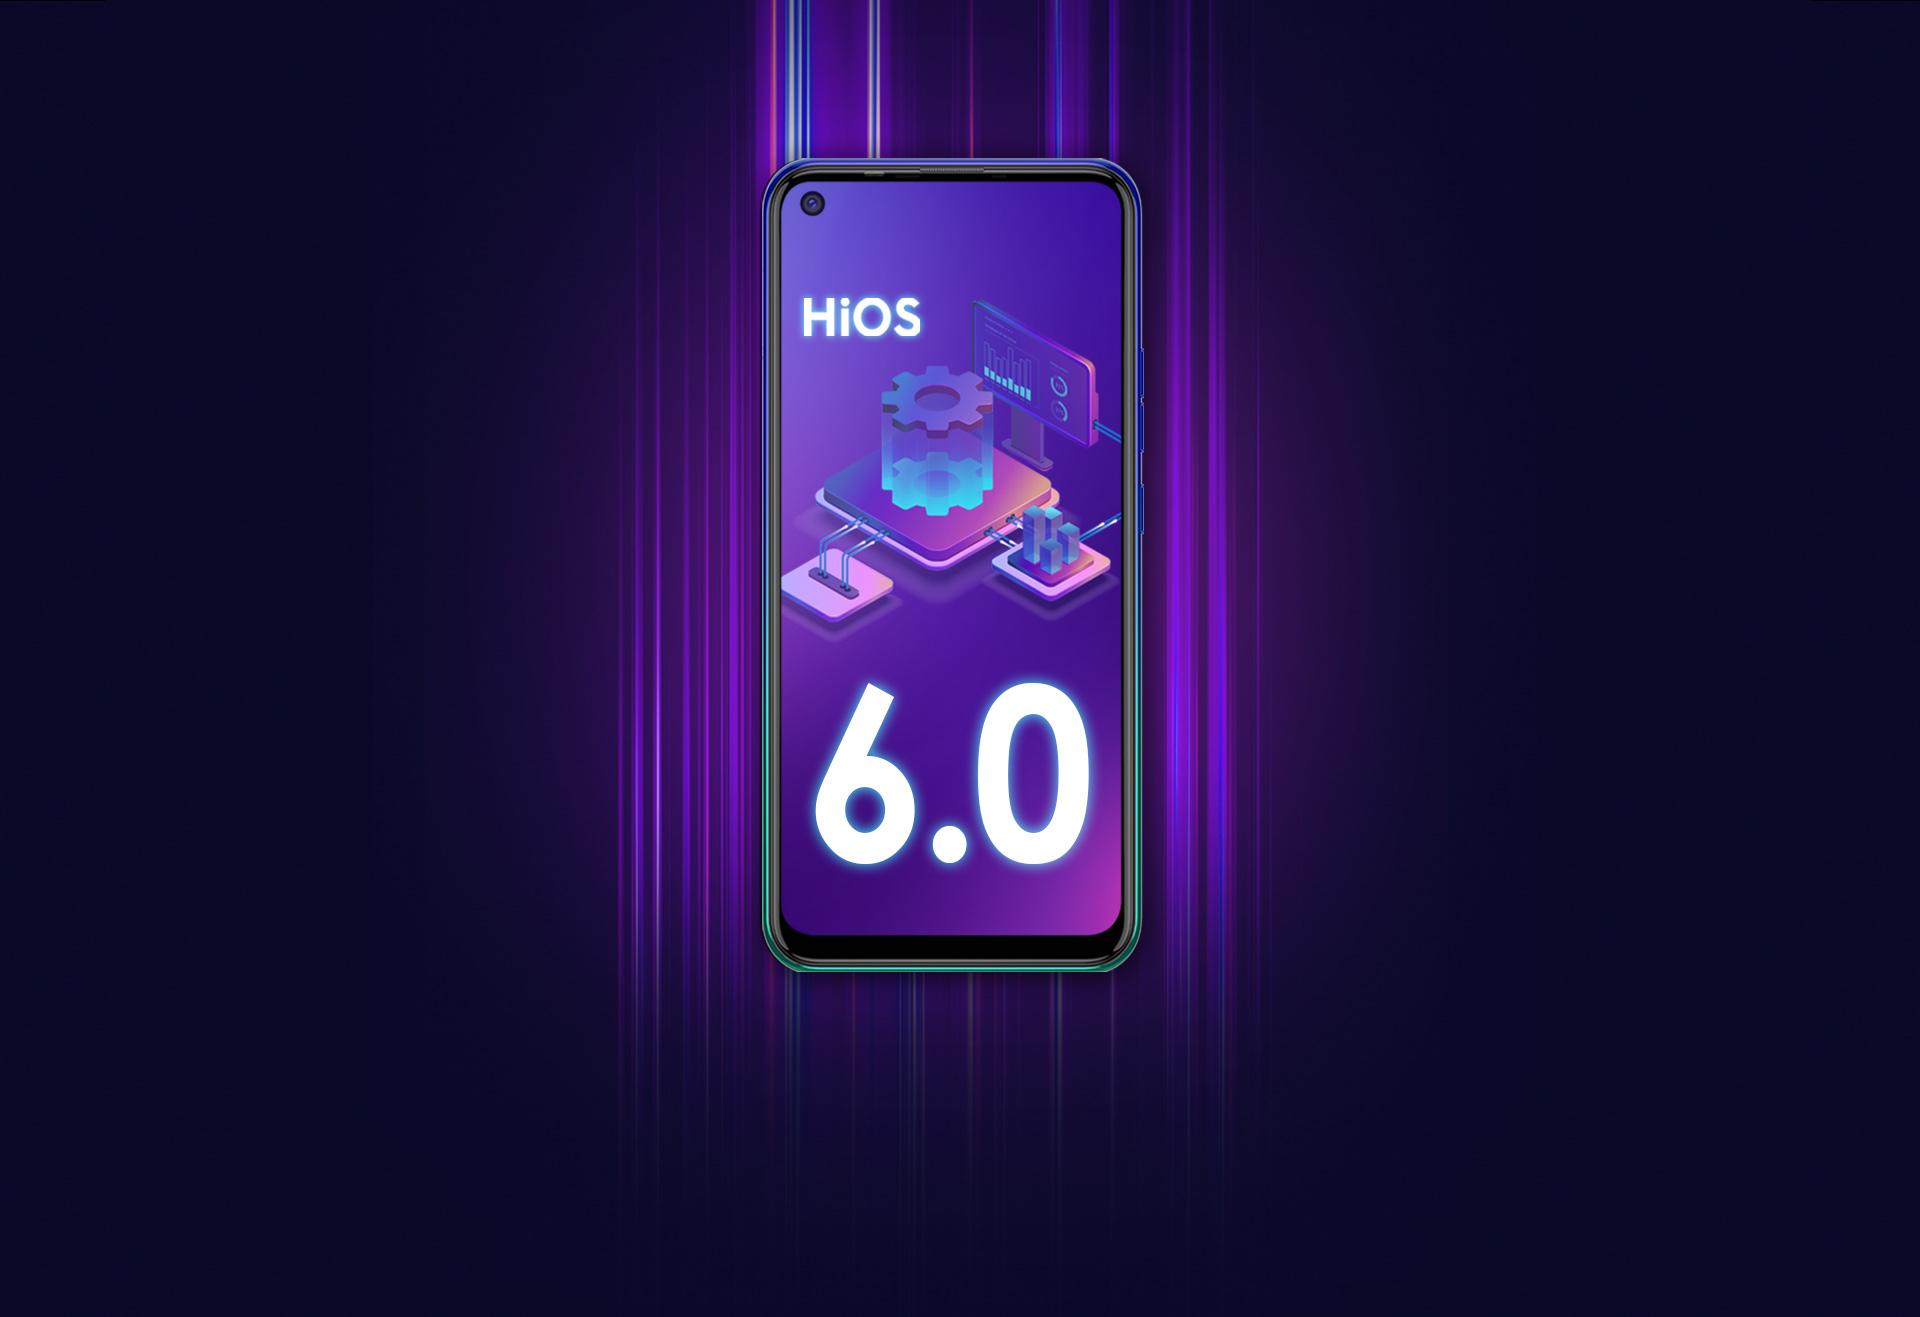 New HiOS 6.0